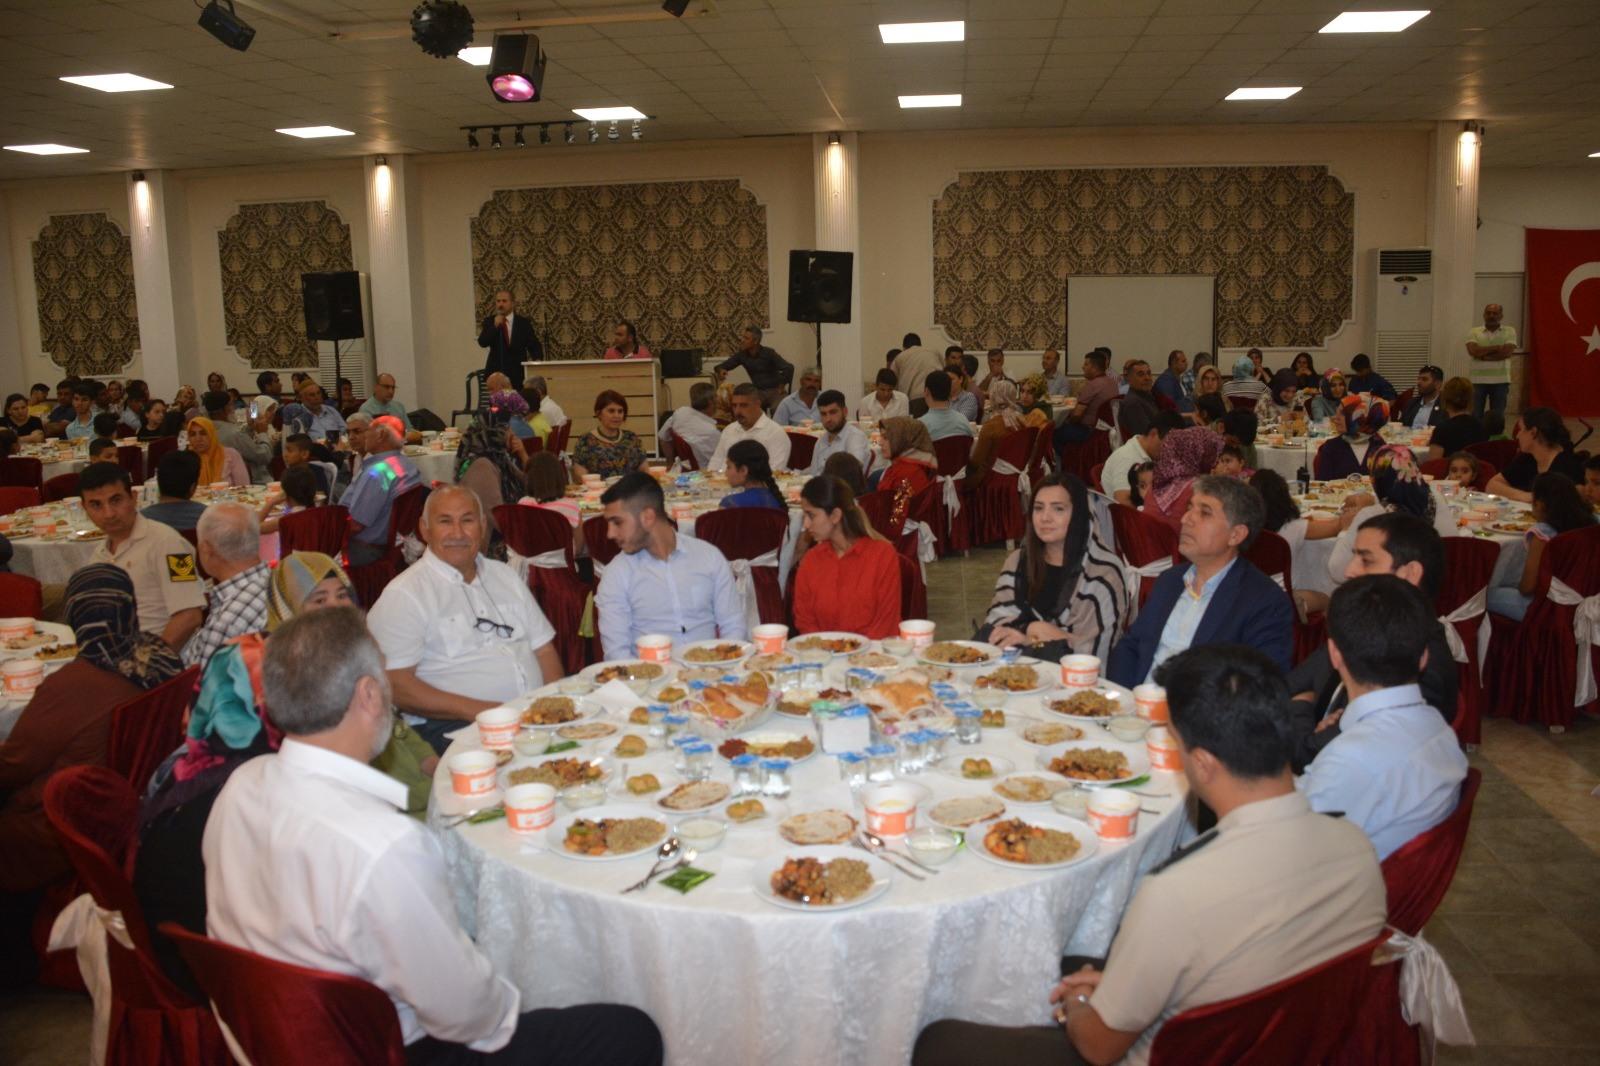 Şehit aileleri ve Gaziler onuruna iftar yemeği verildi